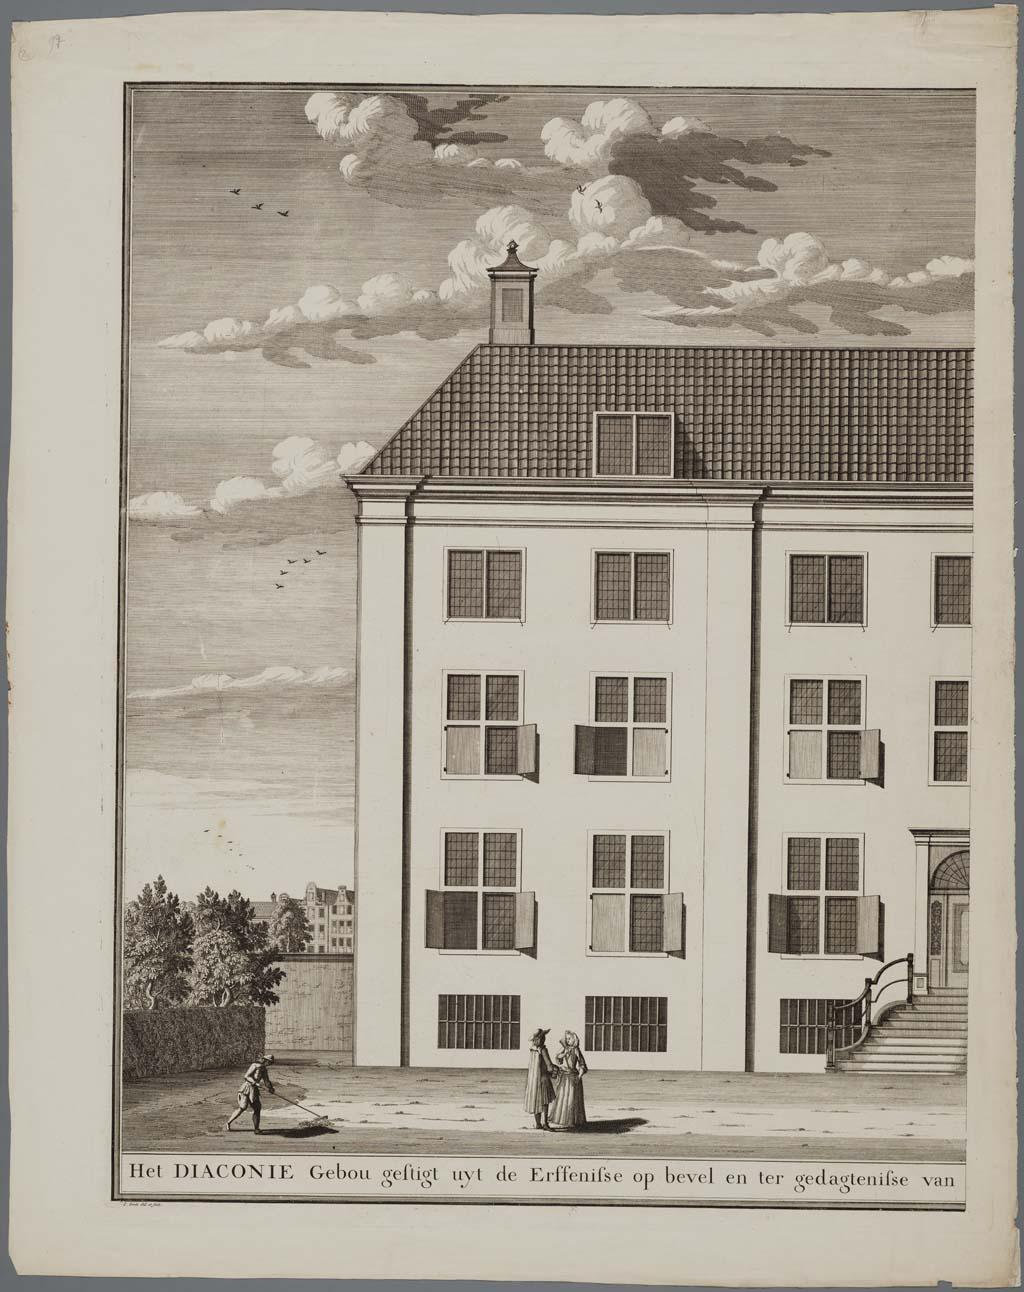 Het diaconie Gebou gestigt uyt de Erfenisse op bevel en ter gedagtenisse van Wylen den Ed. Heer en Mr. Ian Corver & Vrouwe Sara Maria Trip, 1723, 2-delige prent van het Corvershof, Nieuwe Heerengracht, Amsterdam (achterzijde)(linkerhelft)